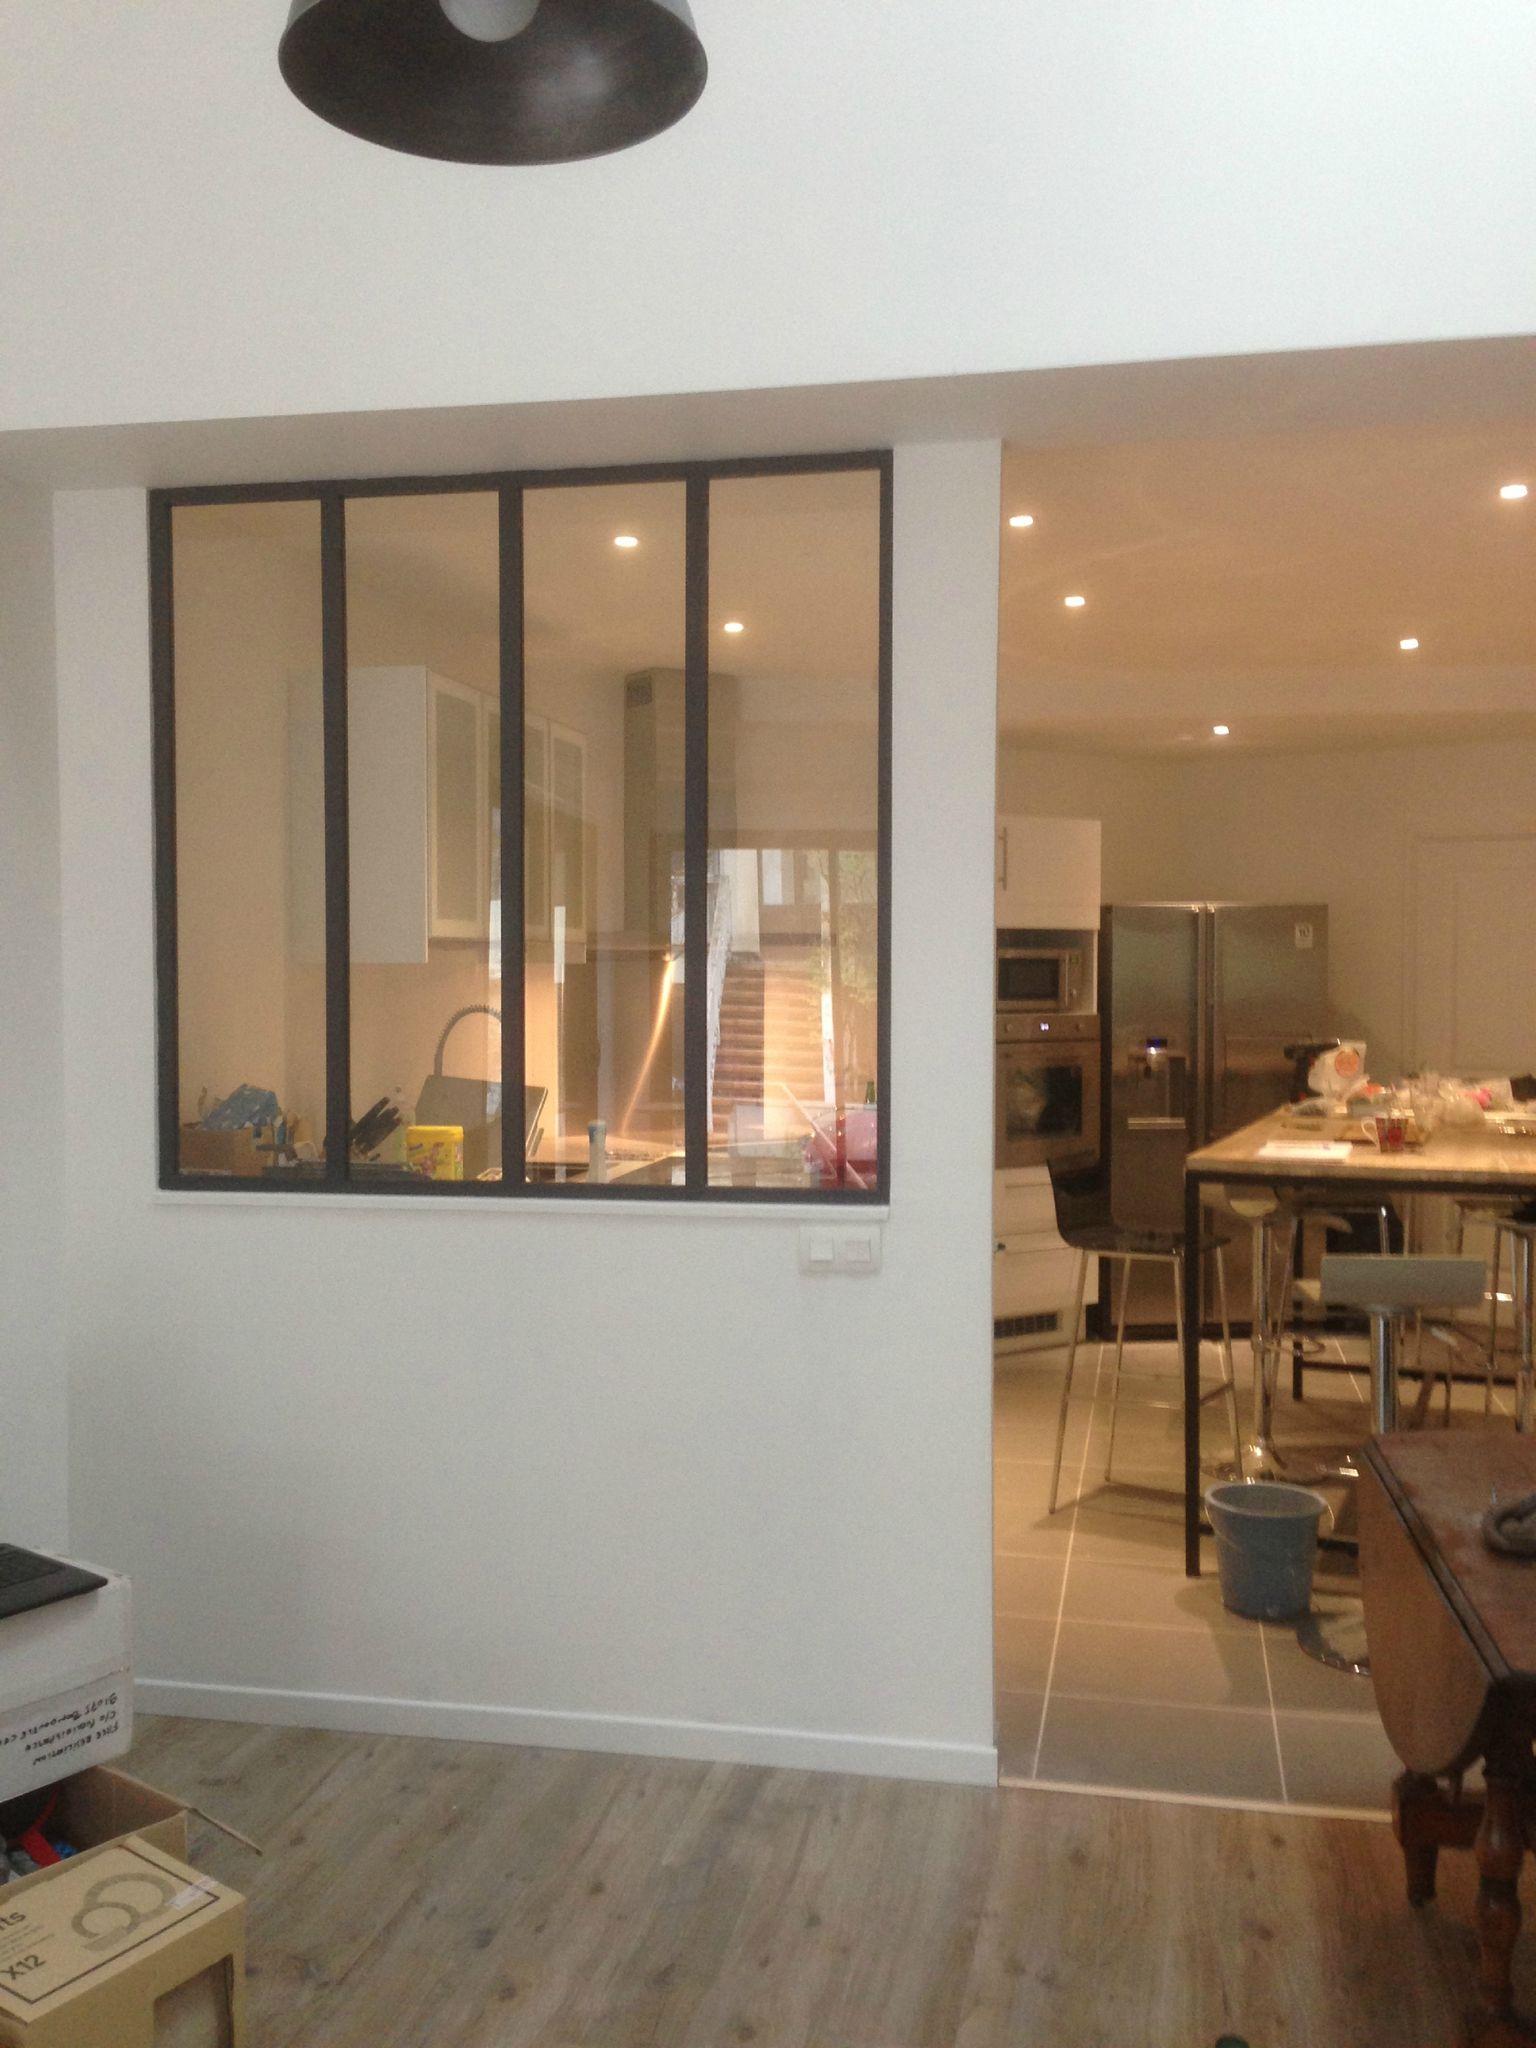 Construire une verri re style atelier sans se ruiner for Cloison amovible style atelier